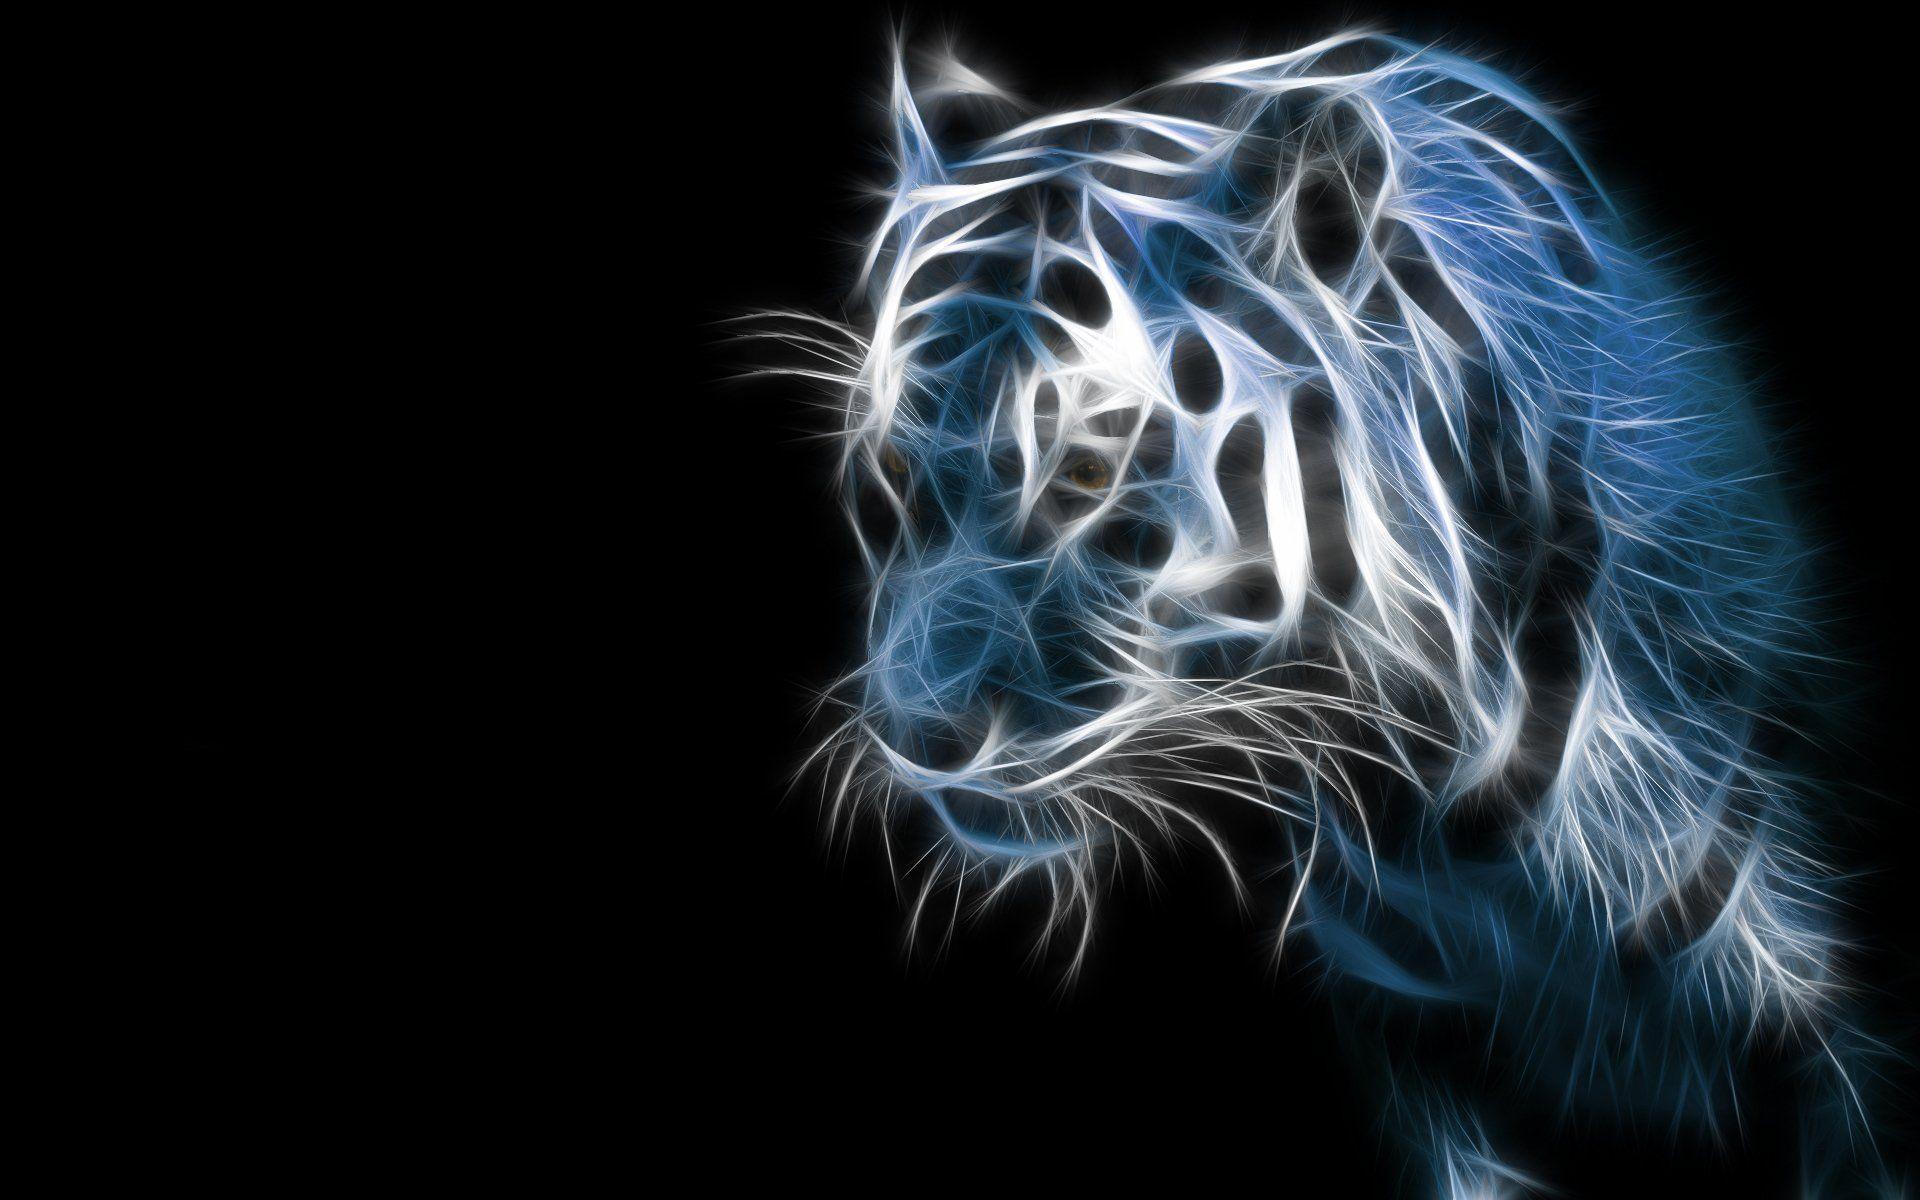 Animais Tigre Fractal Azul Artistico Cgi Papel De Parede Papel